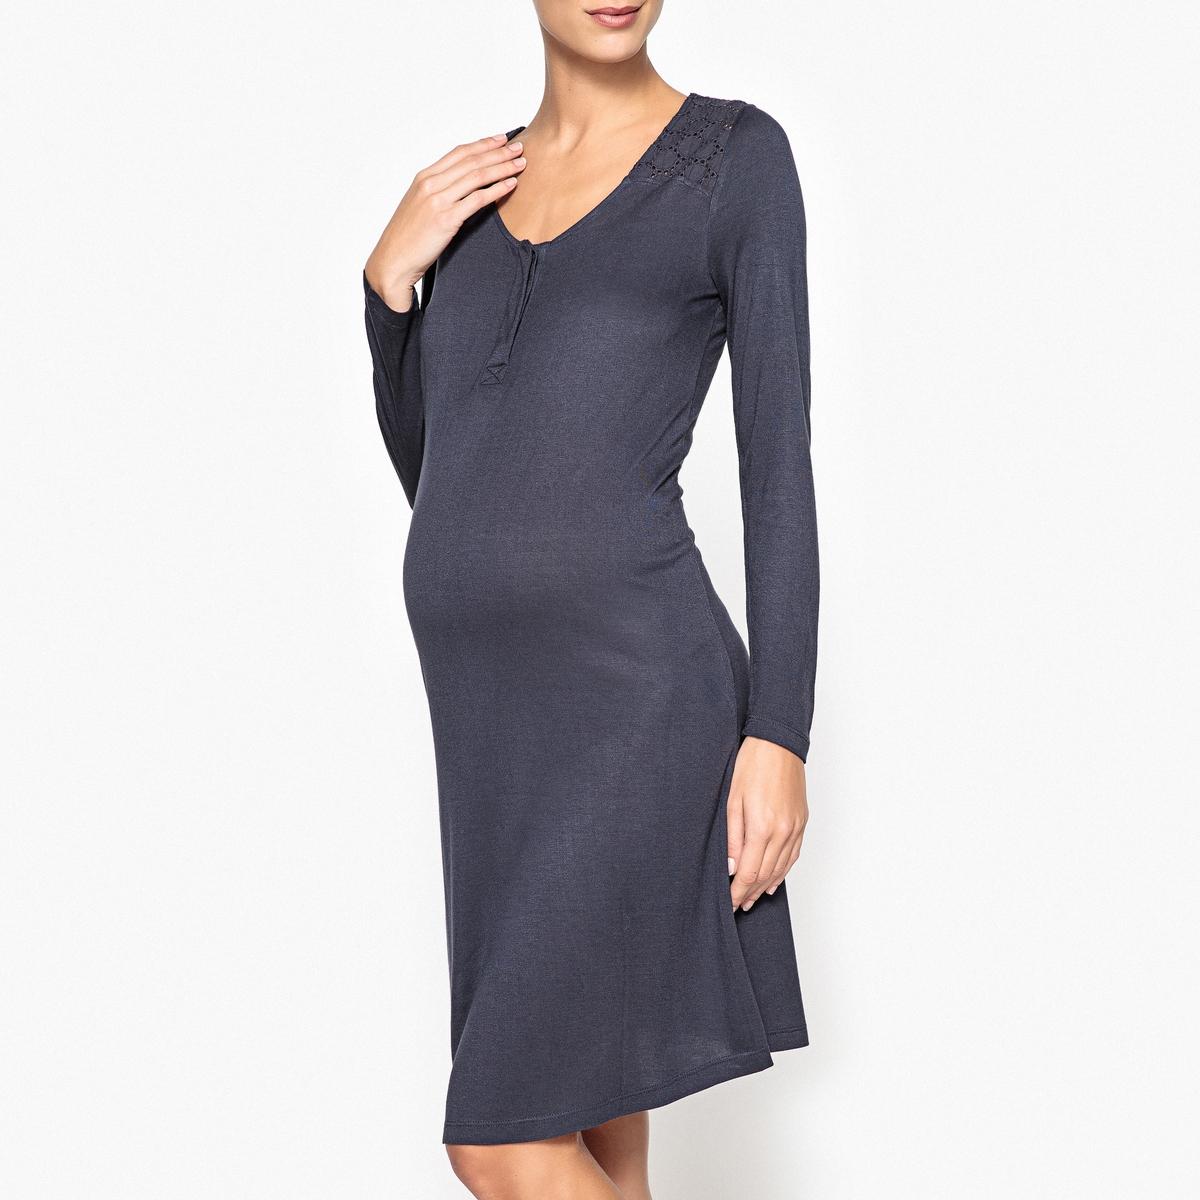 Сорочка ночная для периода беременности и грудного вскарливанияНочная сорочка для периода беременности и грудного вскармливания с женственными кружевными вставками на плечах. Практичная сорочка для легкого грудного вскармливания. Состав и описаниеНочная сорочка из джерси, специально разработанная для периода беременности и грудного вскармливания.Кружевные вставки на плечах.Планка застежки на кнопки для облегчения грудного вскармливания. Длинные рукава. Материал :  100% вискоза Длина : 99 смУход : Стирать с вещами подобного цвета при 30°.Стирка и глажка с изнаночной стороны.Машинная сушка запрещена.<br><br>Цвет: синий чернильный<br>Размер: 42/44 (FR) - 48/50 (RUS).38/40 (FR) - 44/46 (RUS)